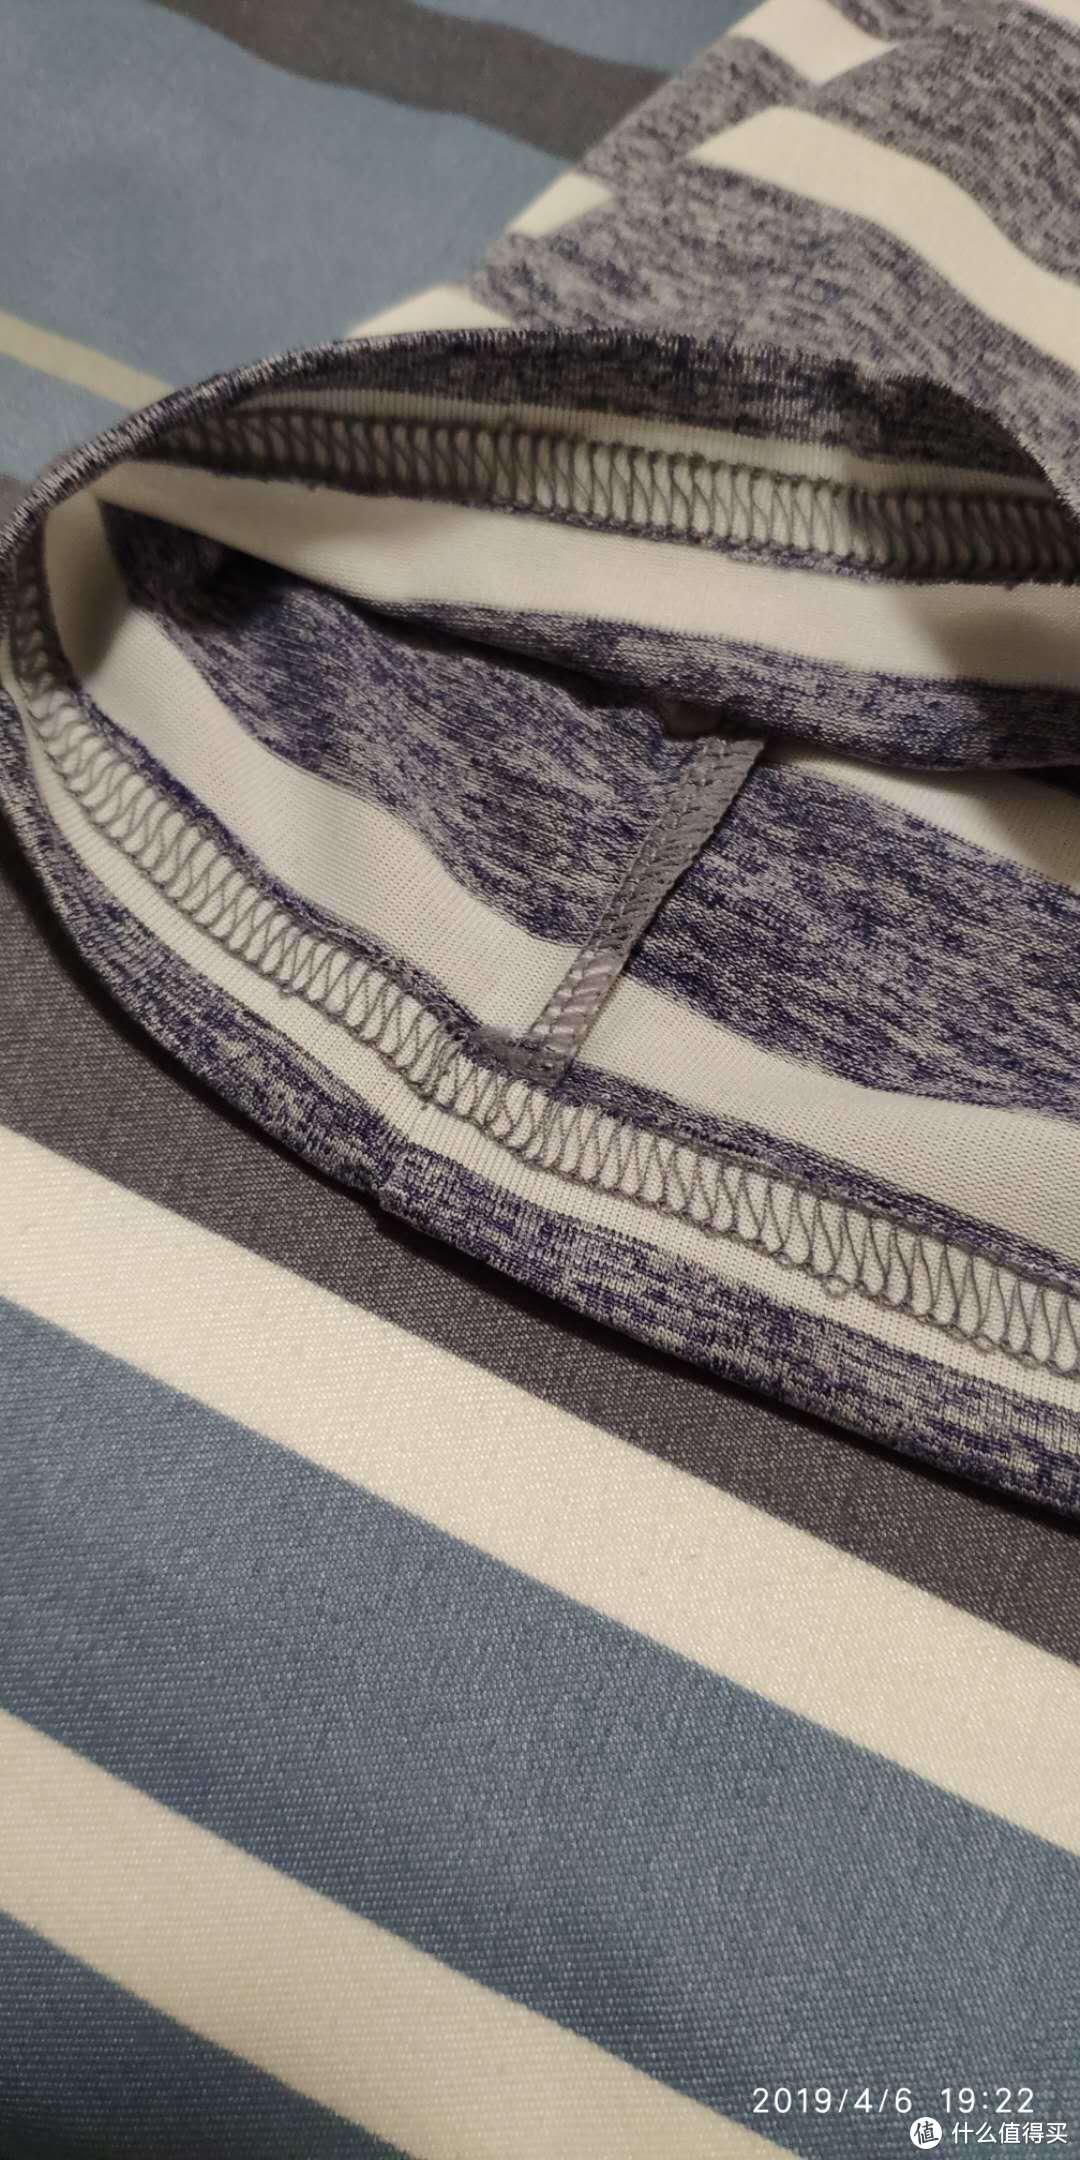 一件睡衣的自白——淘宝心选 男女式凉感家居服睡衣套装众测报告